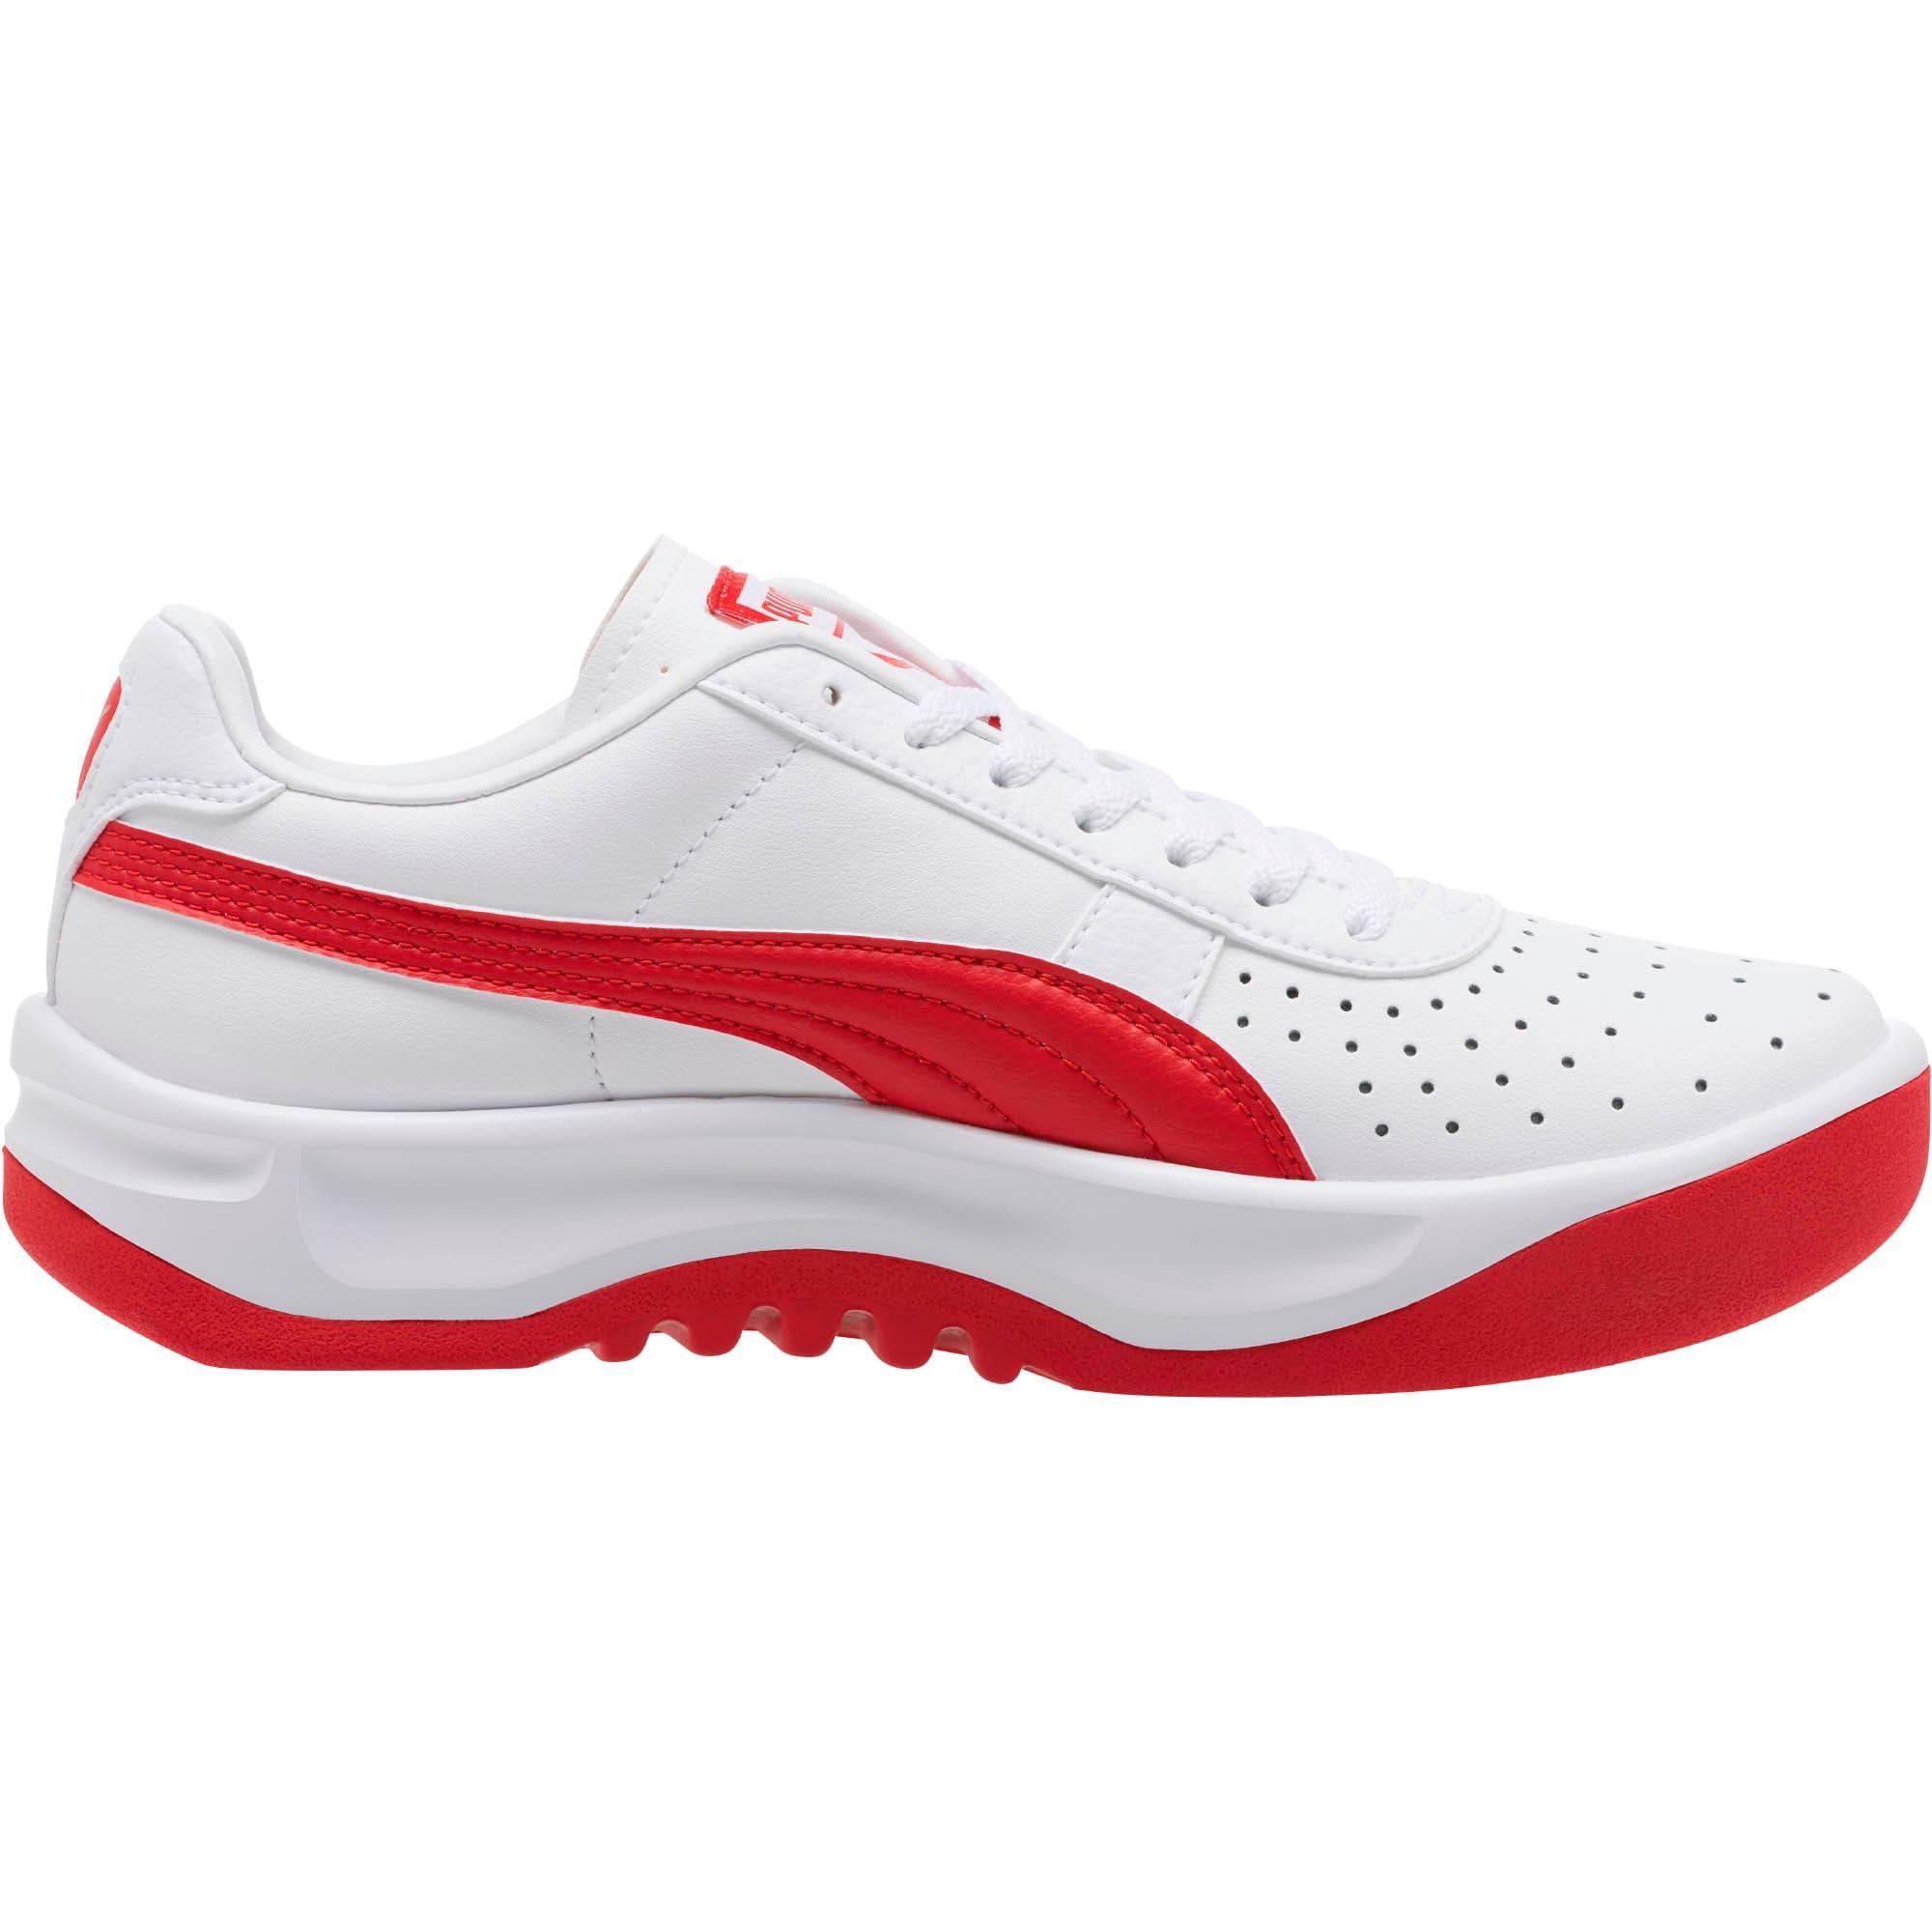 Miniatura 3 de Zapatos deportivos GV Special JR, Puma White-Ribbon Red, mediano